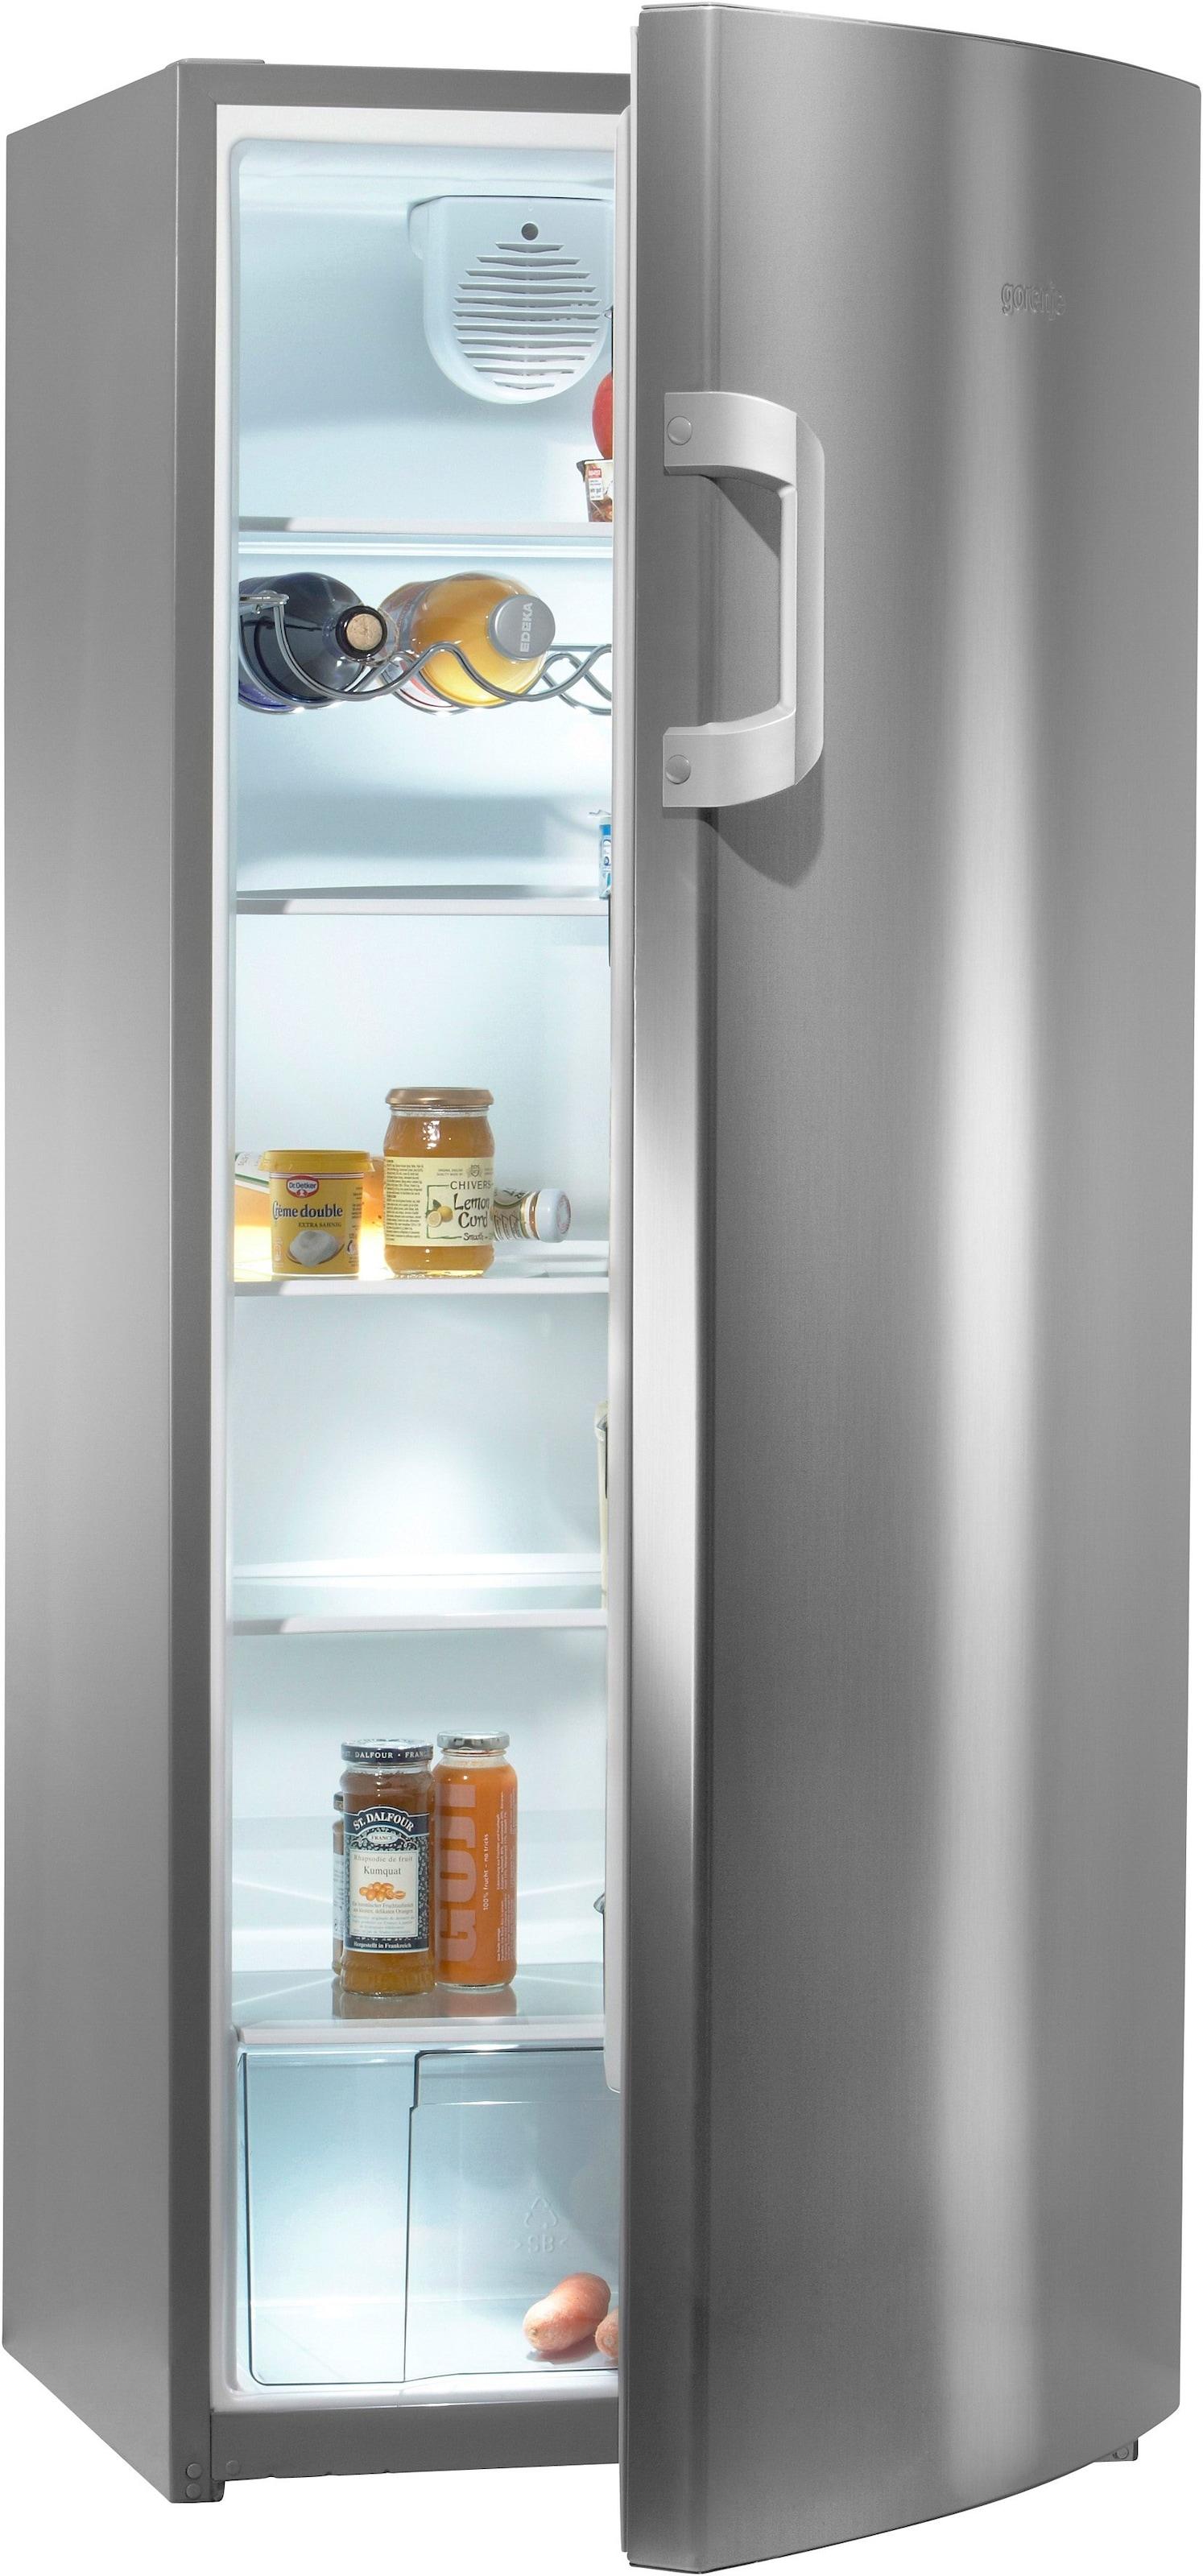 Gorenje Kühlschrank Nach Transport : Gorenje kühlschrank cm hoch cm breit per rechnung baur